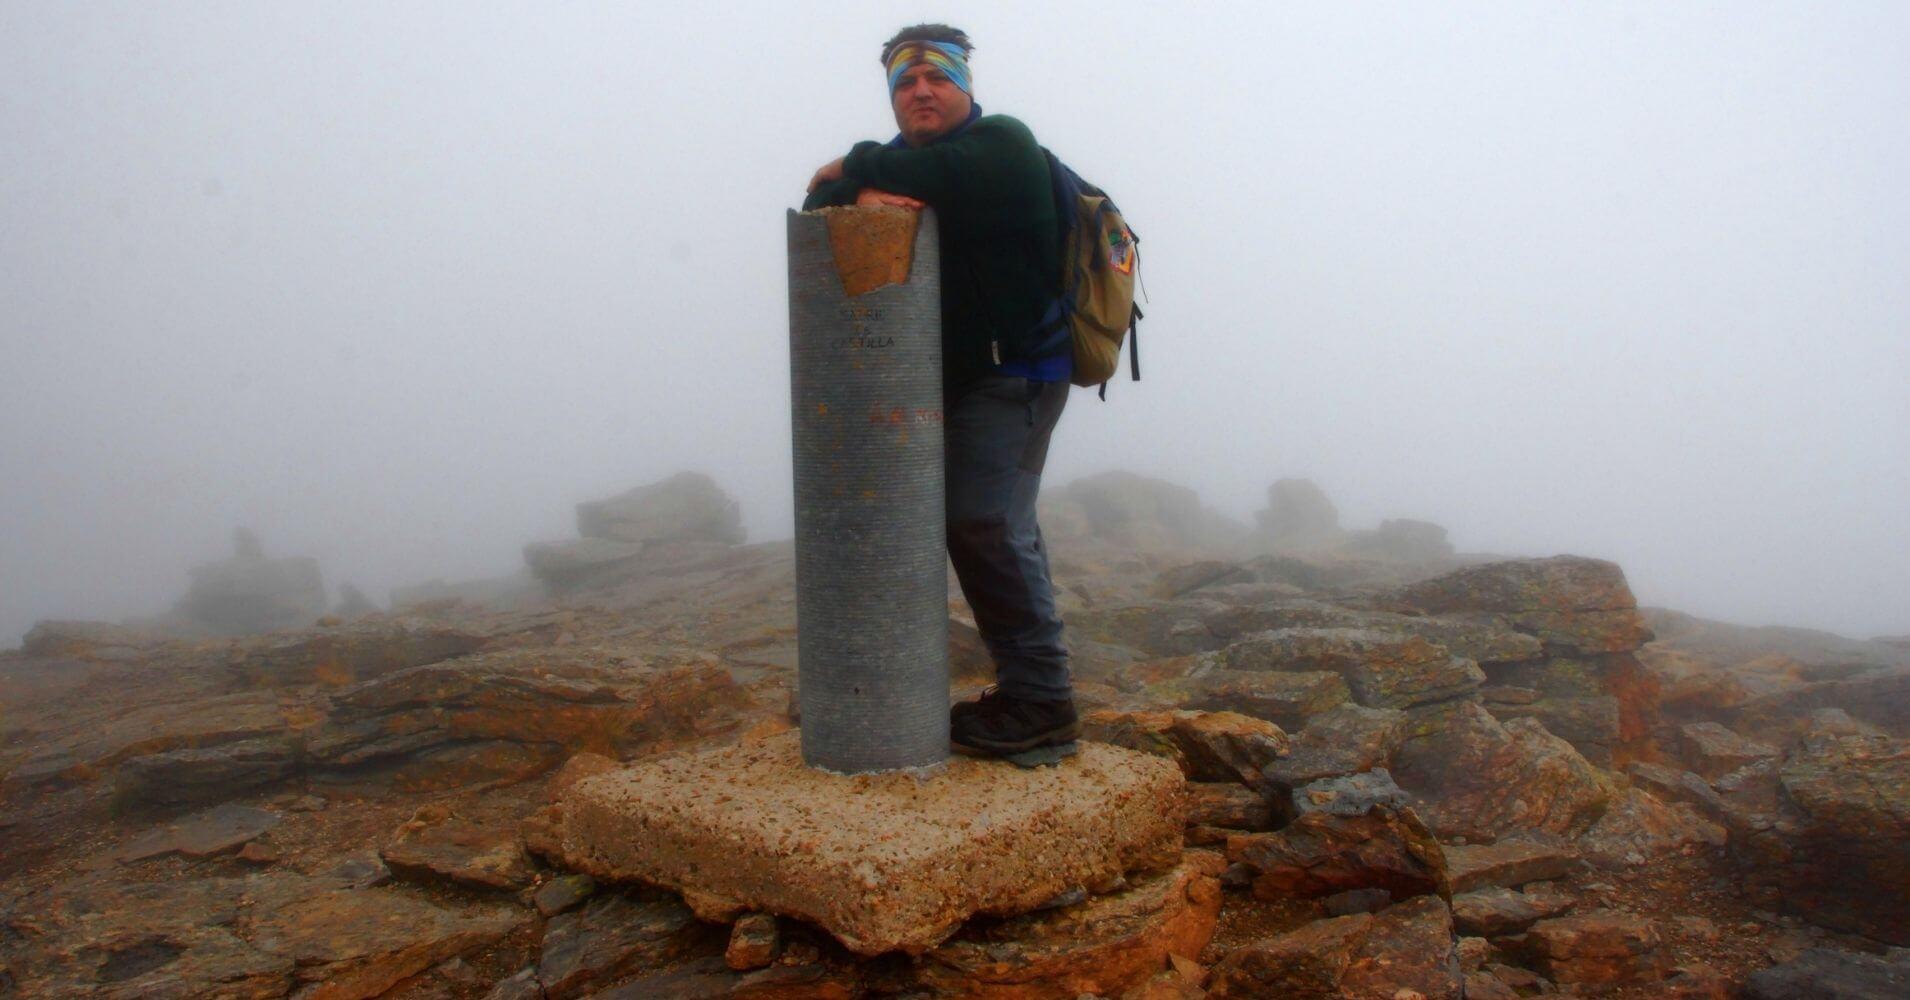 Cumbre del Pico Peñalara. Parque Nacional de la Sierra de Guadarrama.